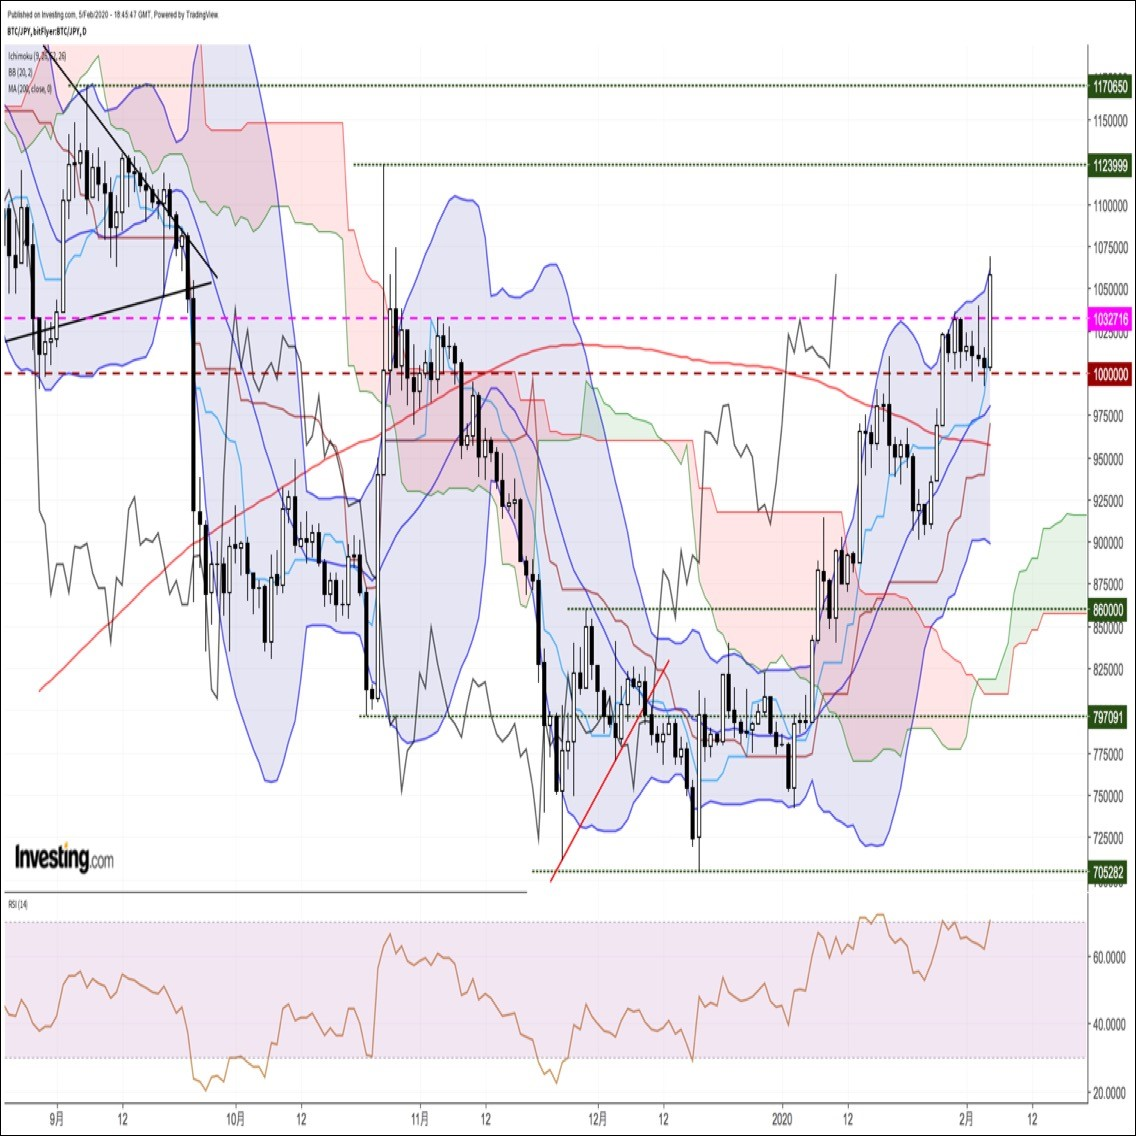 ビットコイン円、年初来高値更新。アルトコイン主導で急伸する中、一時3ヶ月半ぶり高値圏へ(2/6朝)